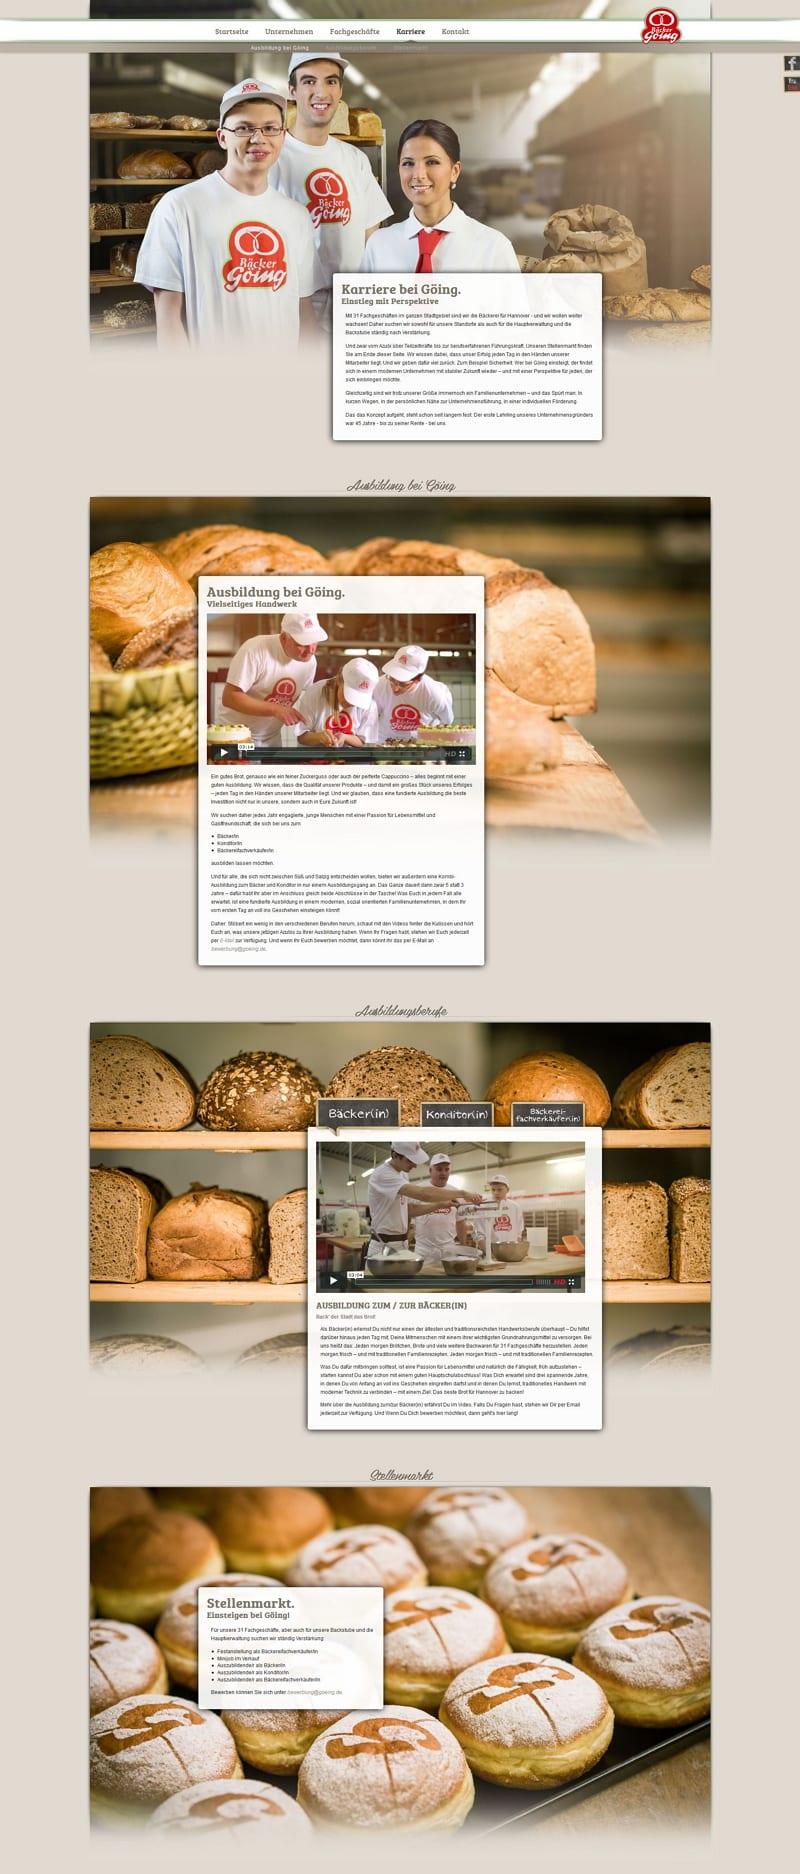 Ausbildungsmarketing im Handwerk - Willkommen bei Bäcker Göing